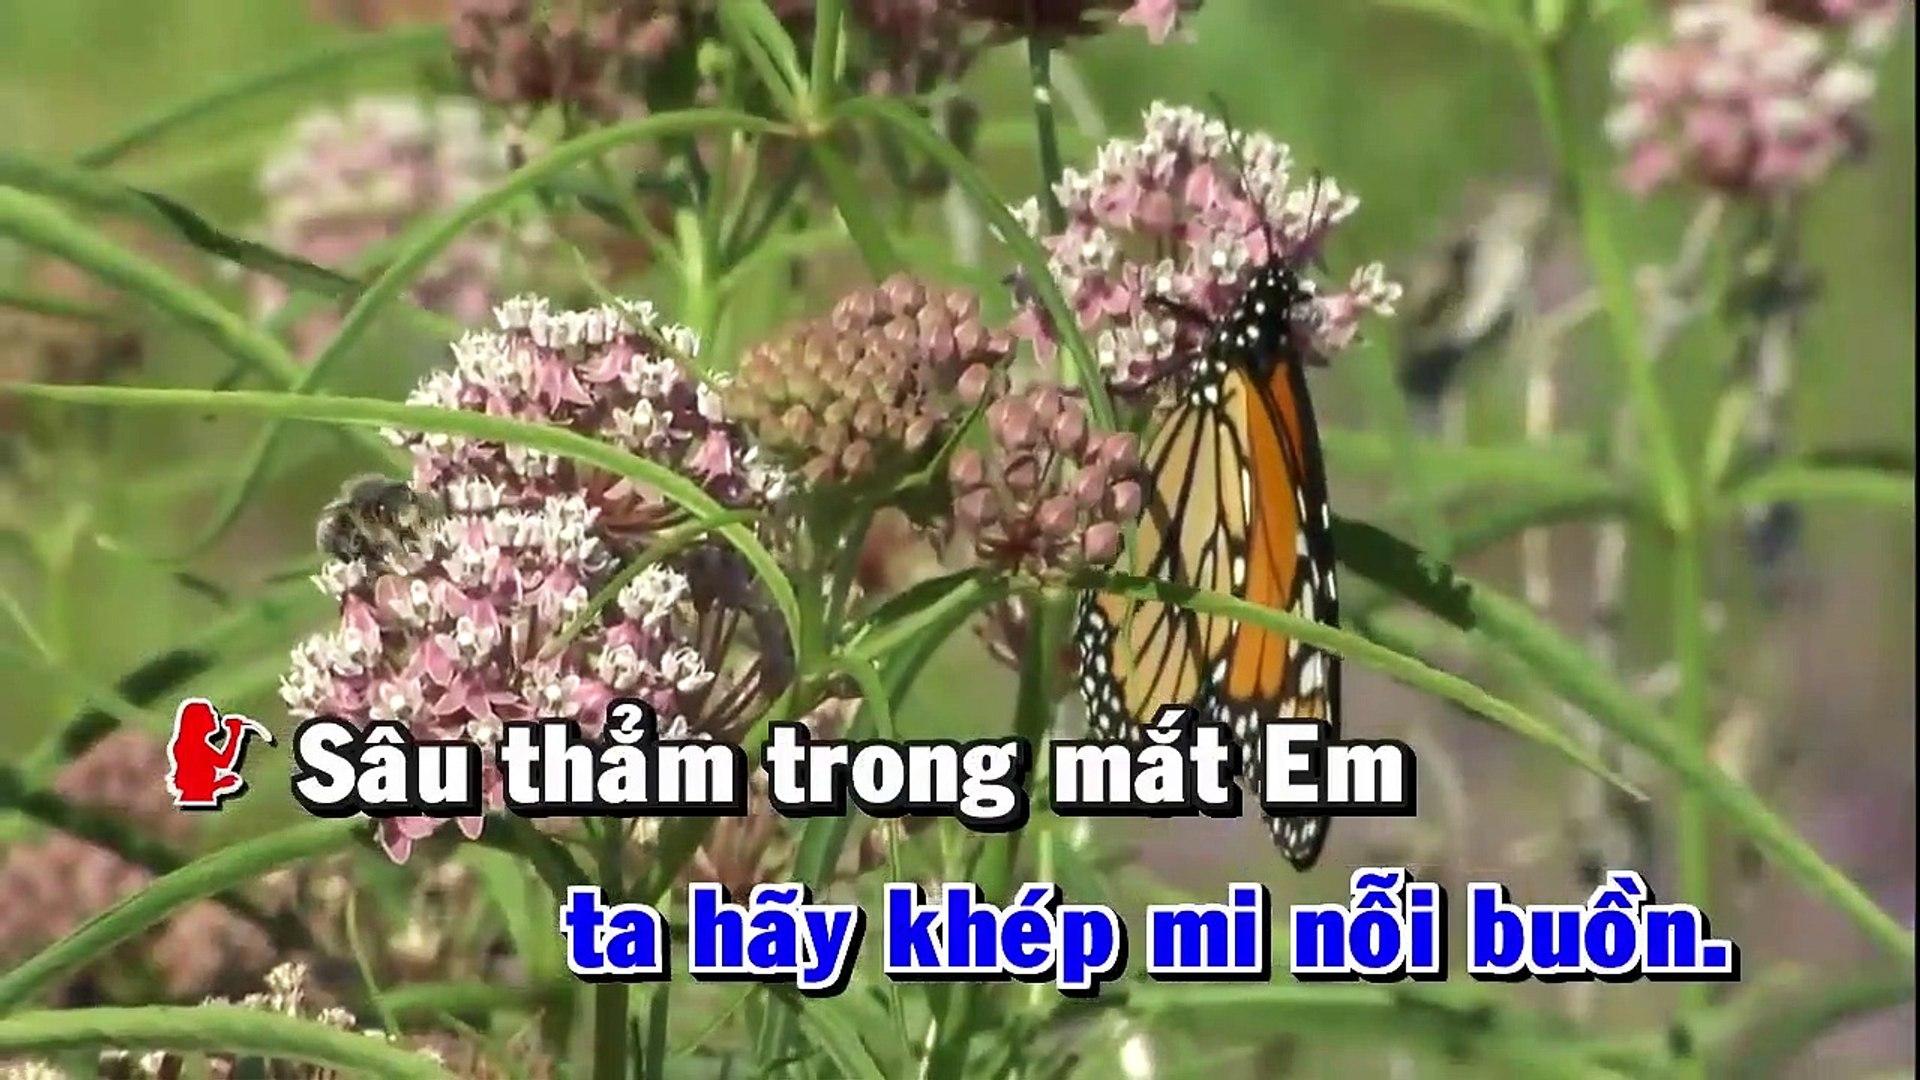 [Karaoke] Qua Đêm Nay - Hà Anh Tuấn Ft. Phương Linh [Beat]